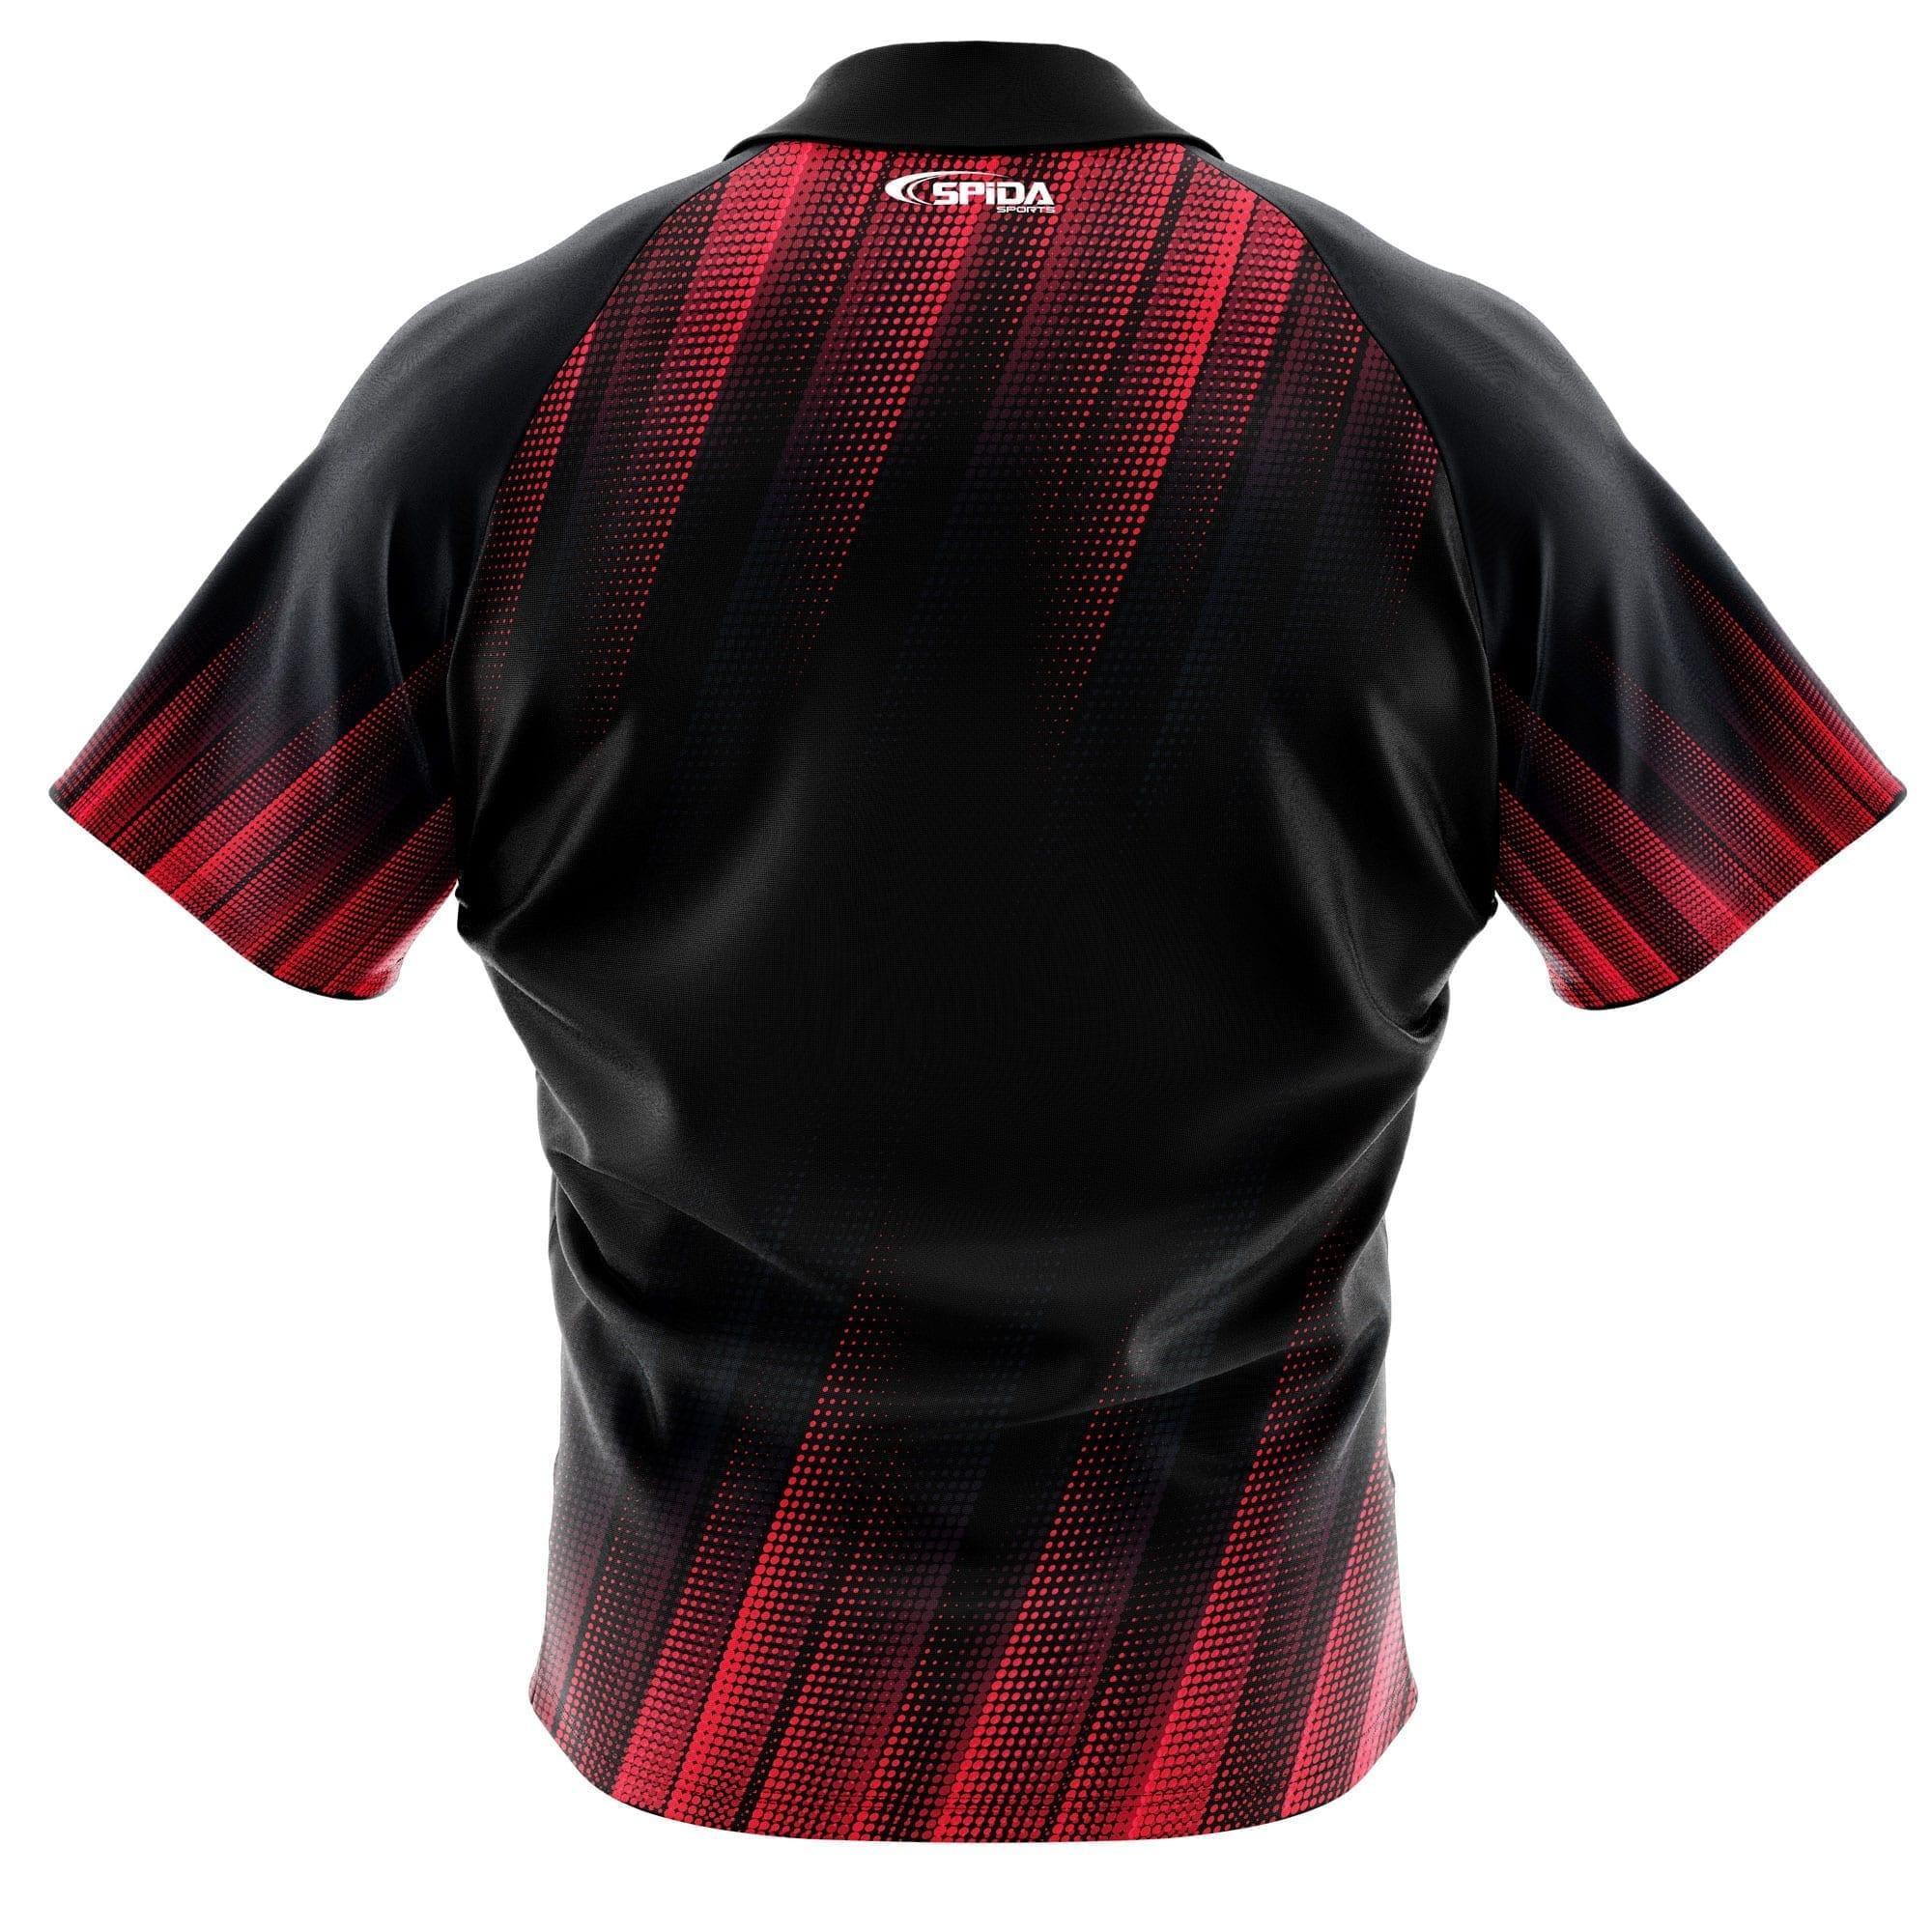 Hive-Sublimated-Shirts-Back